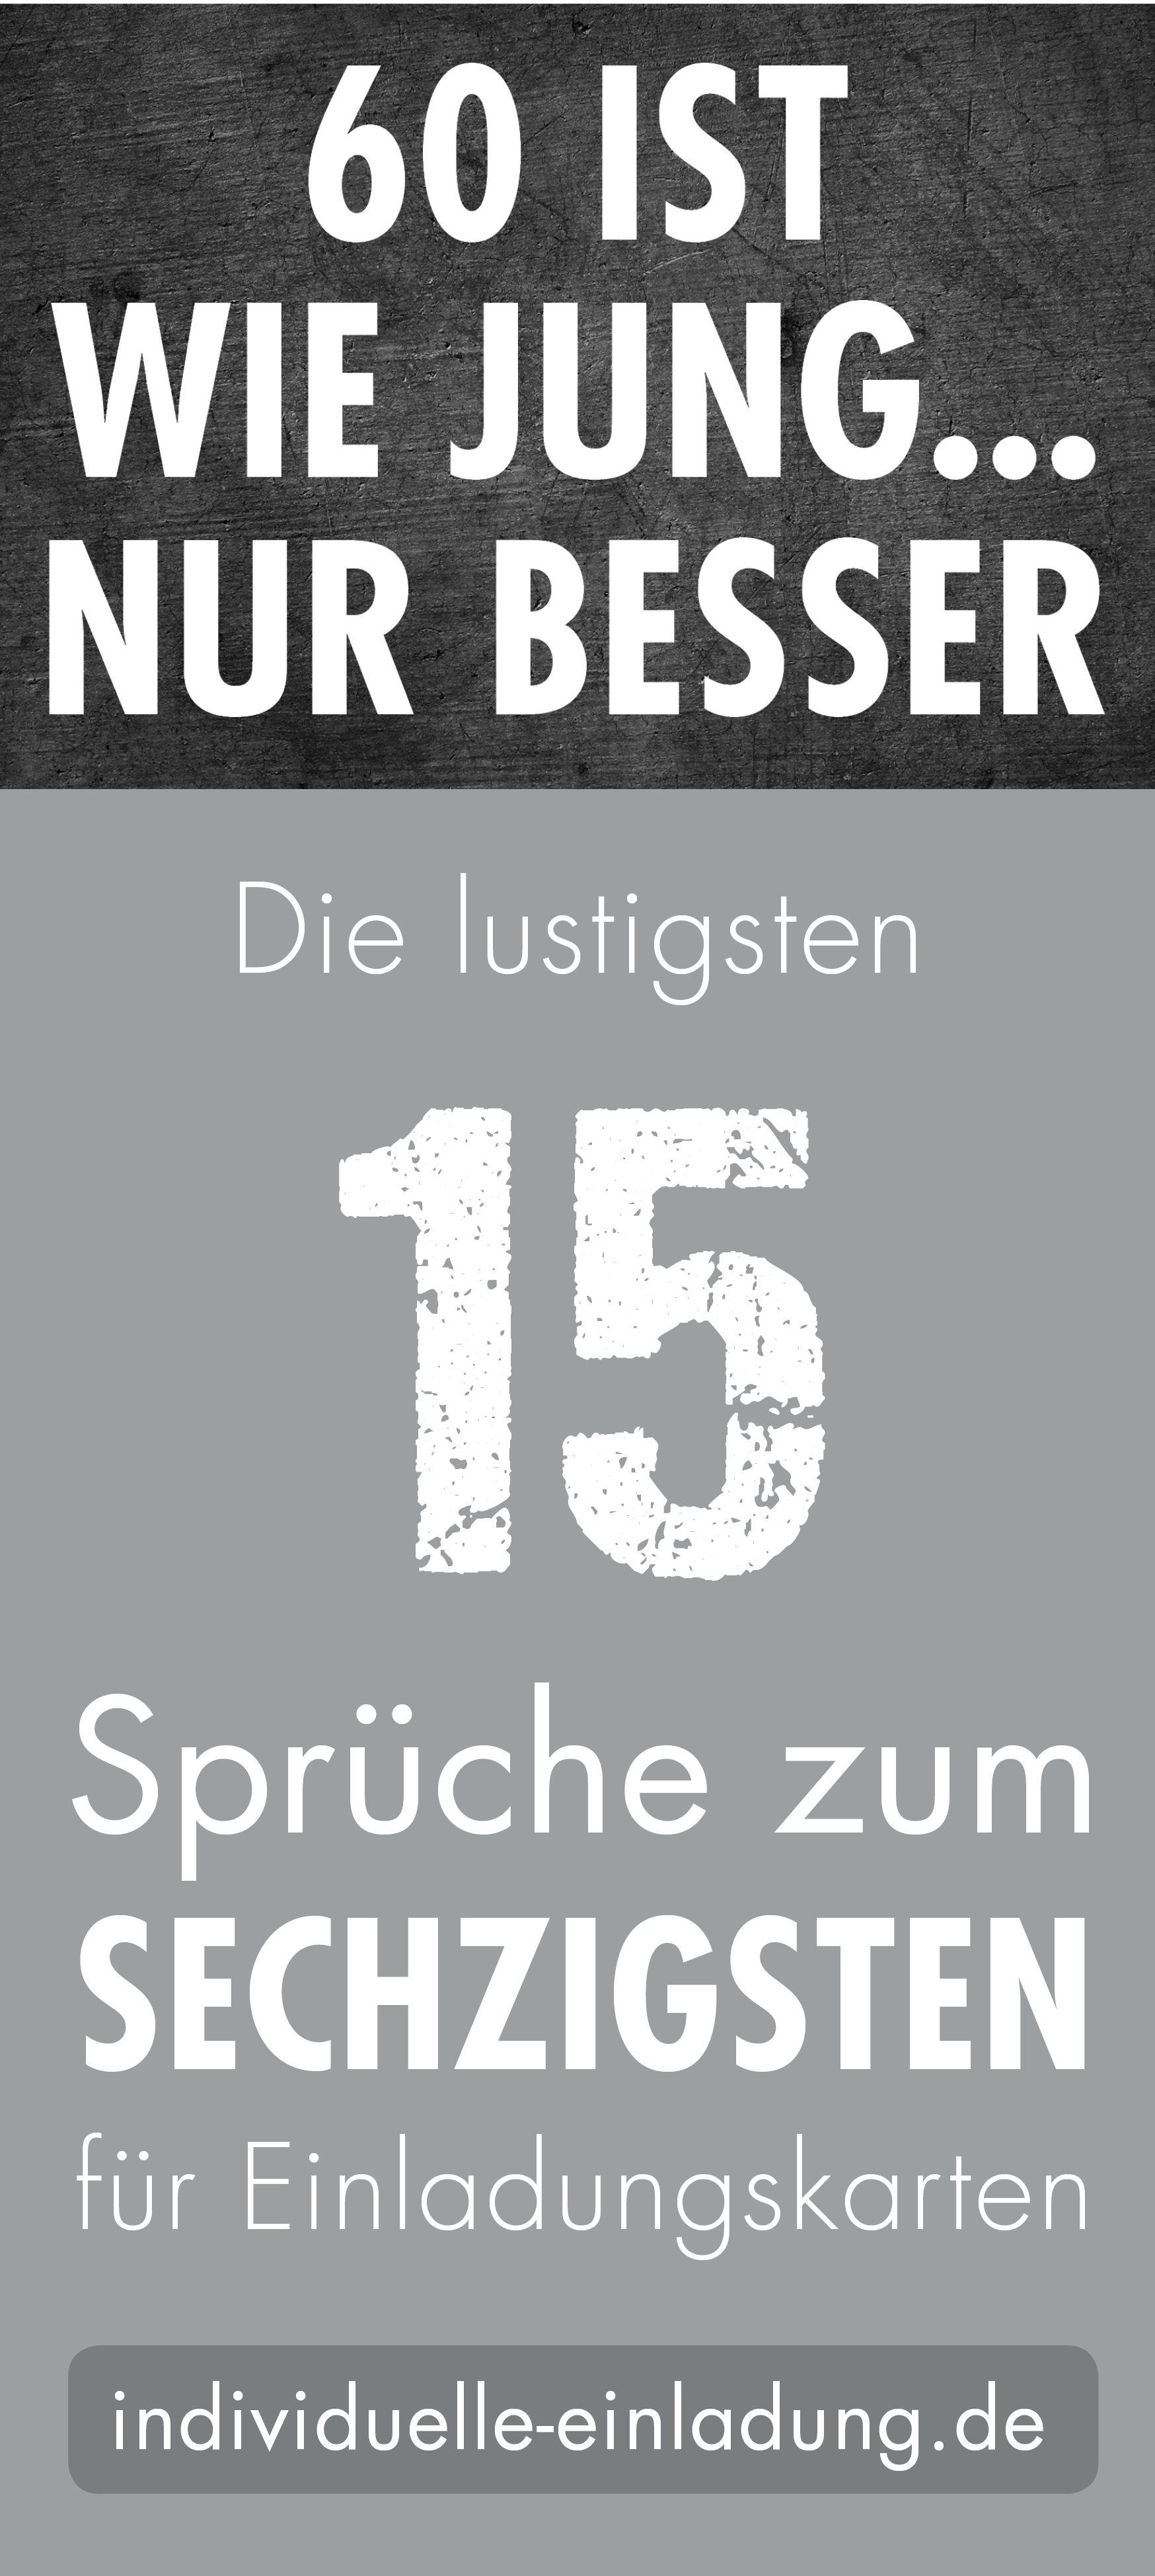 Lustige Spruche Und Zitate Zum 60 Geburtstag Spruch 60 Geburtstag Lustig 60 Geburtstag Spruch Lustige Spruche